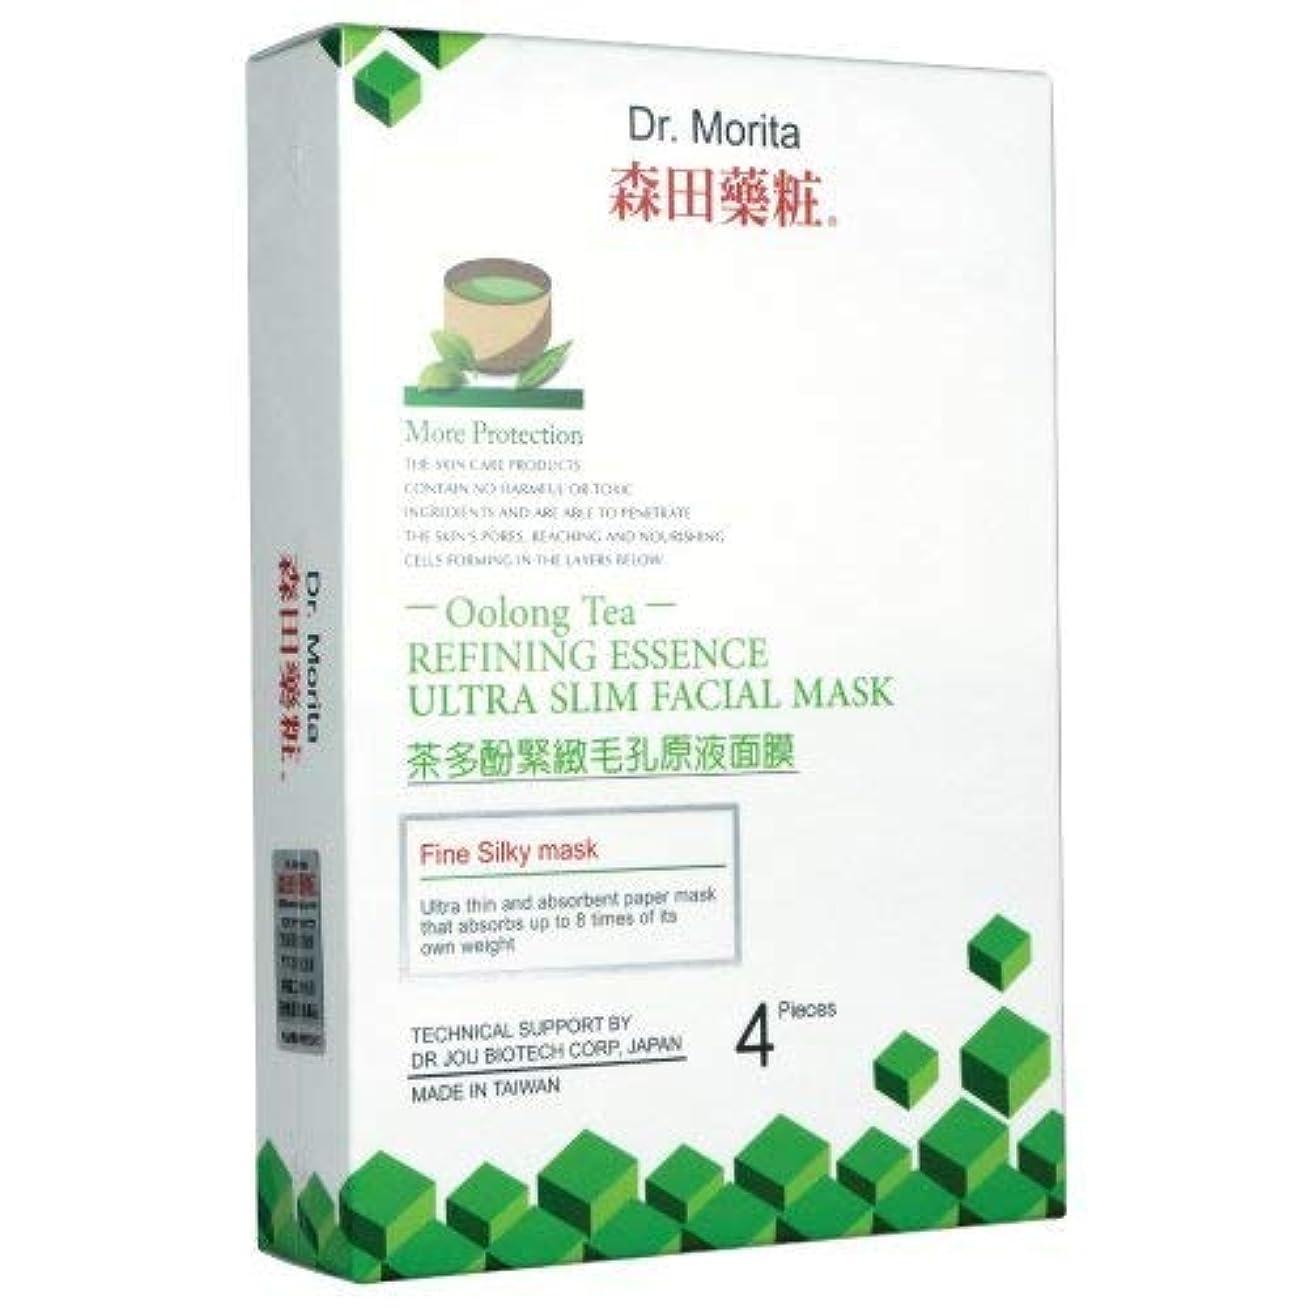 他に辛な受け入れるDoctor Morita (ウーロン茶)洗練されたエッセンス超スリムフェイシャルマスクは4肌を修復し、目に見える毛穴を引き締め、肌の質感の向上に役立ちます。